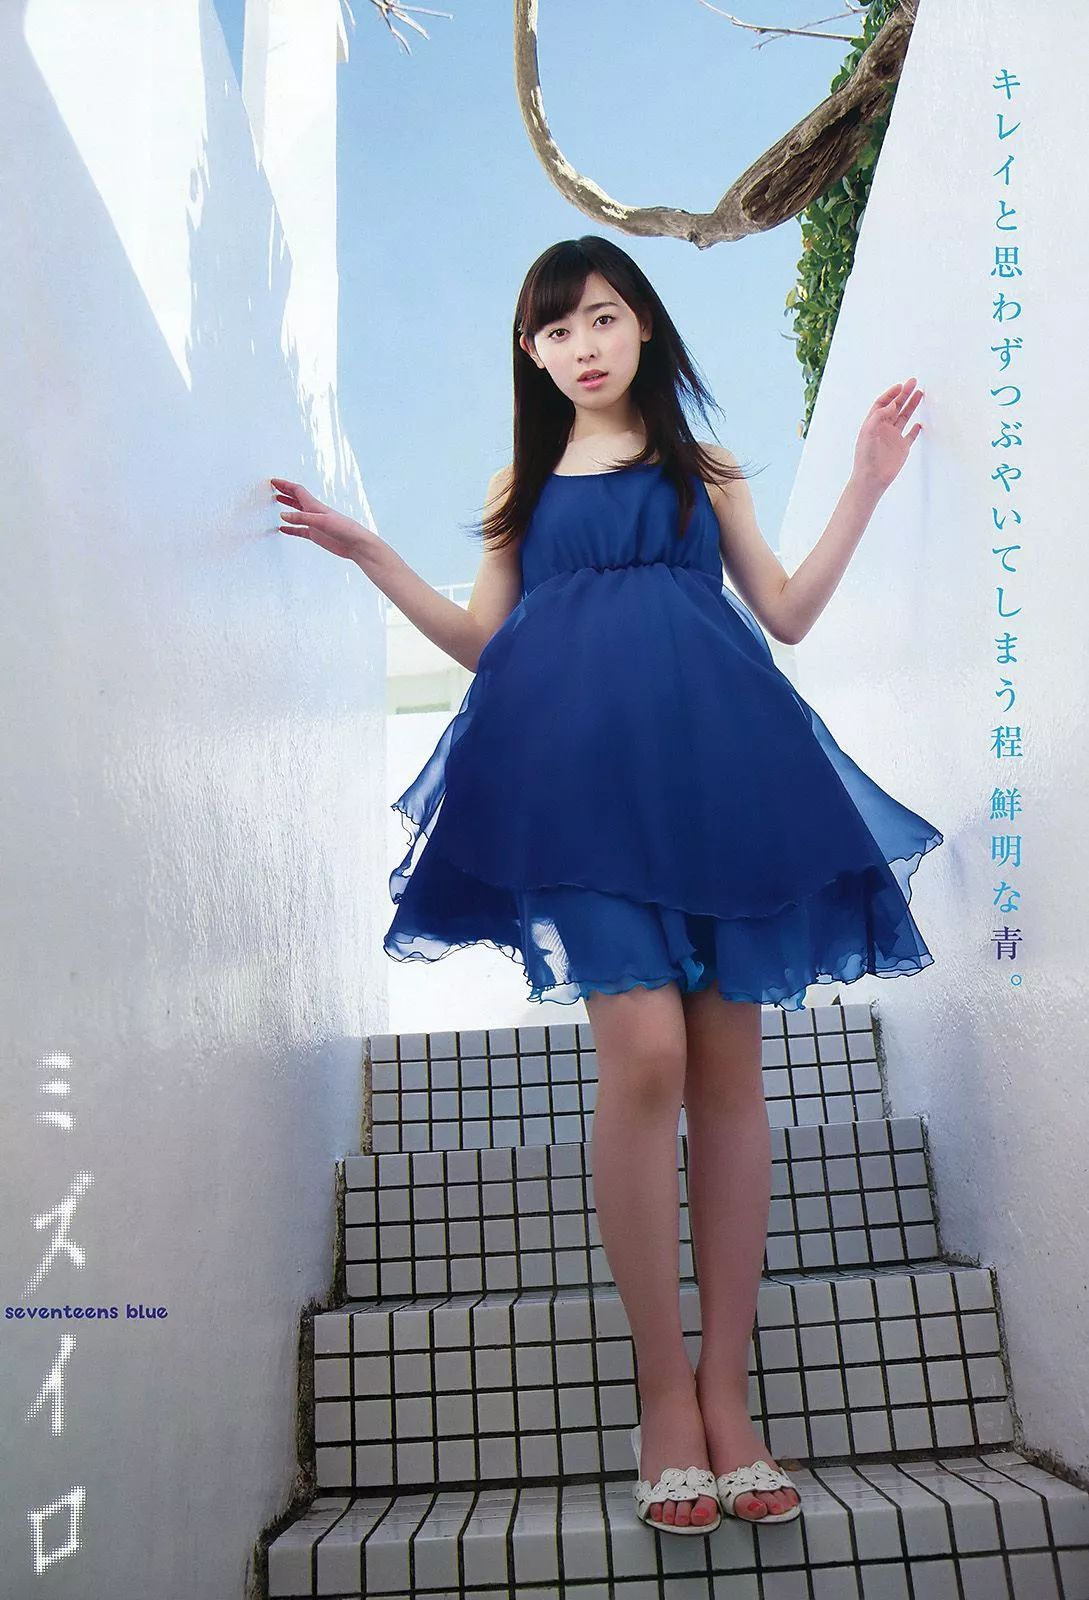 真的是甜到冒泡的美少女福原遥写真作品 (16)